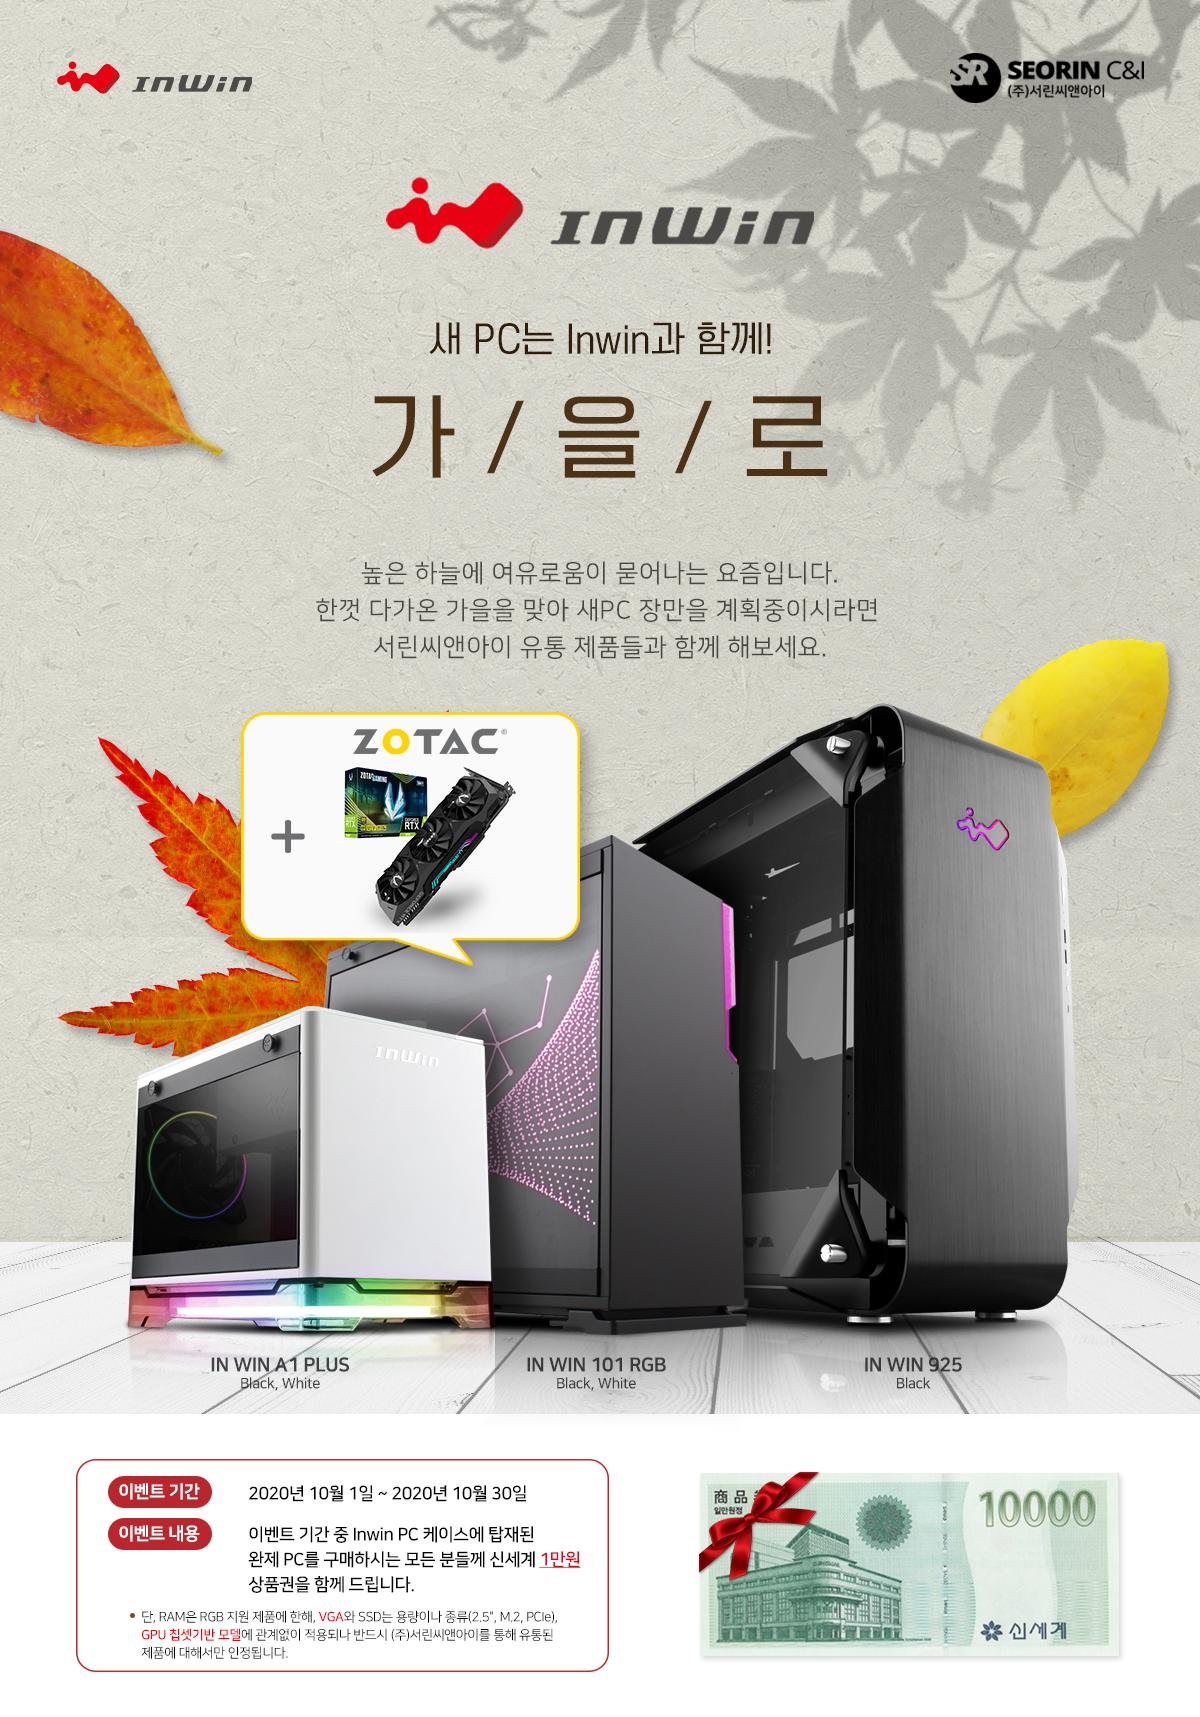 가/을/로 PC케이스라면 역시 서린에서! 인윈 완제PC 구매자 대상 이벤트! (with ZOTAC)